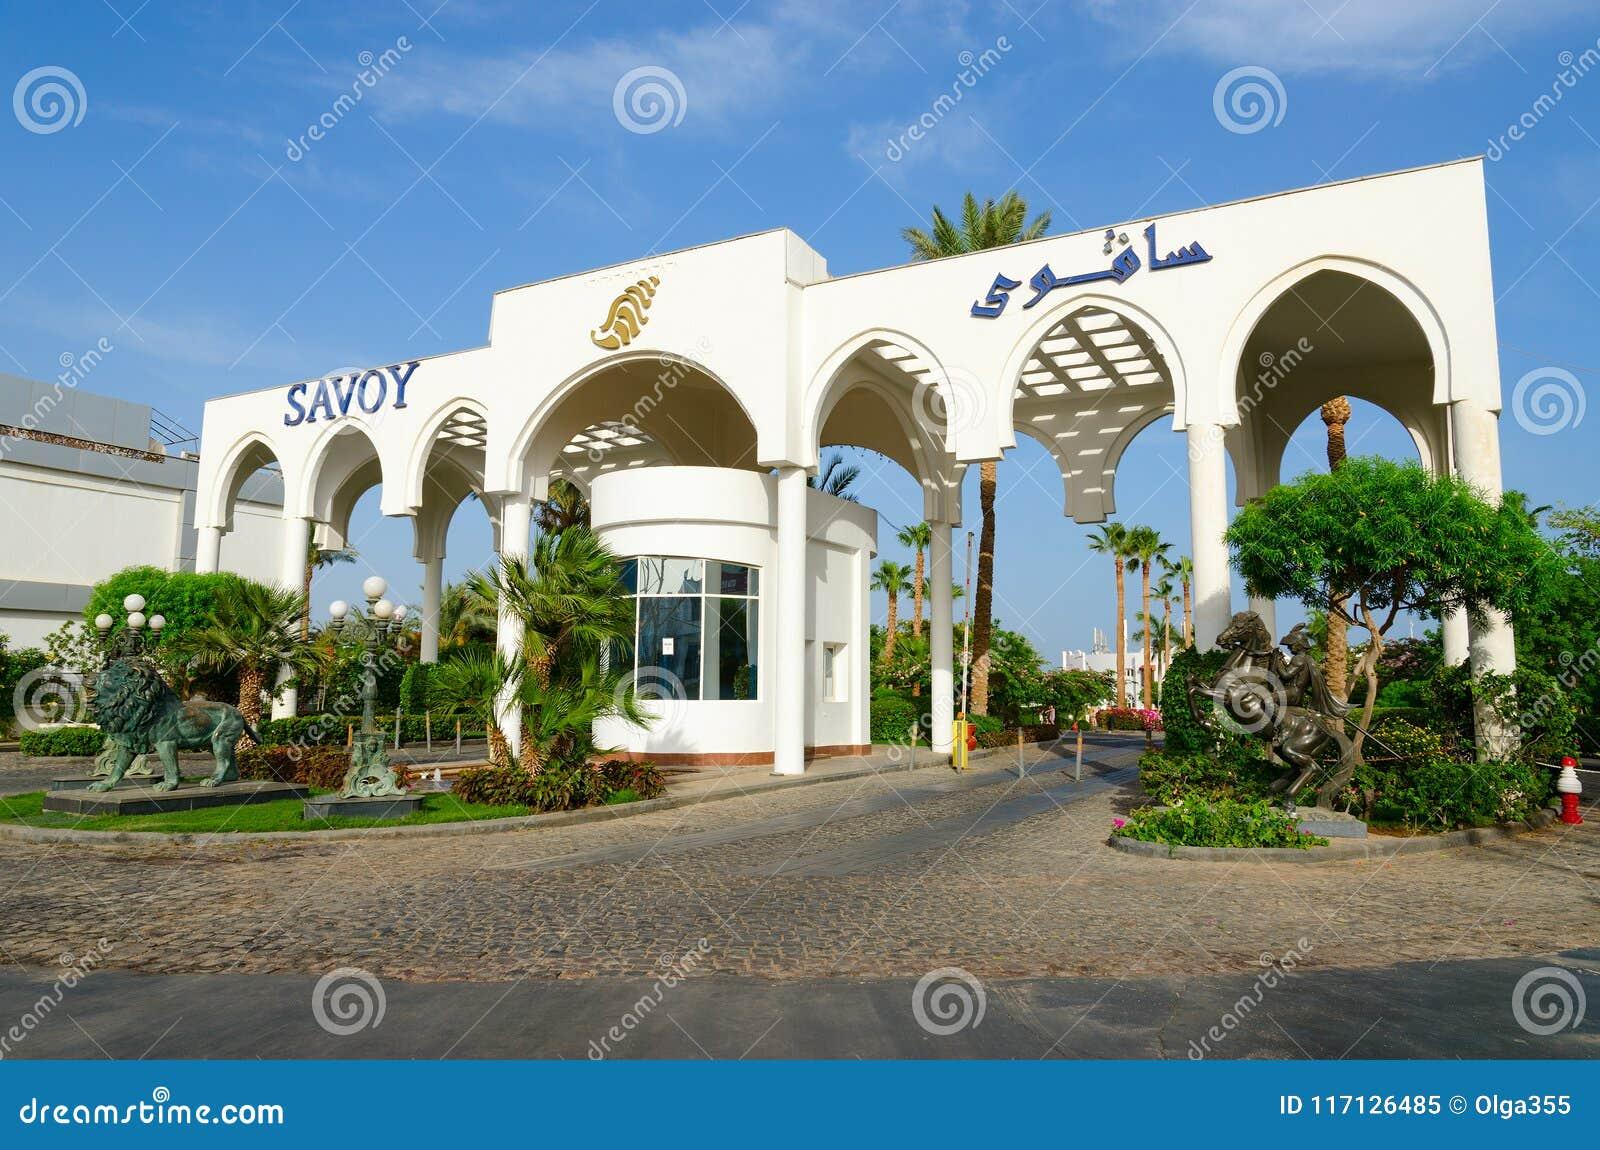 Hotel Savoy Sharm El Sheikh 5 * On Soho Square, Sharm El